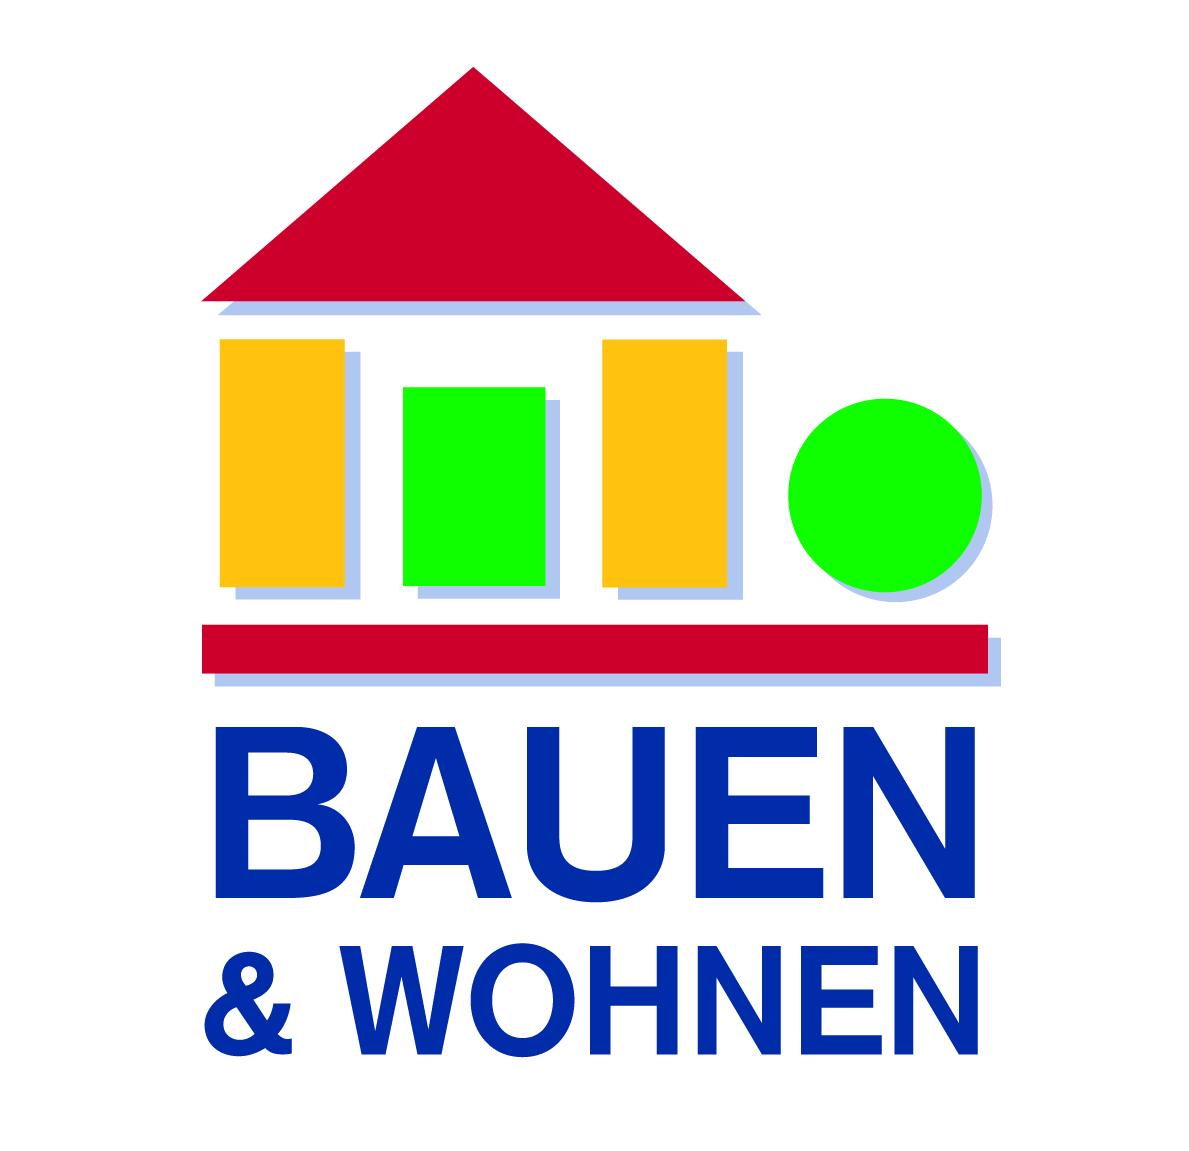 BAUEN & WOHNEN 2020 auf September verschoben!